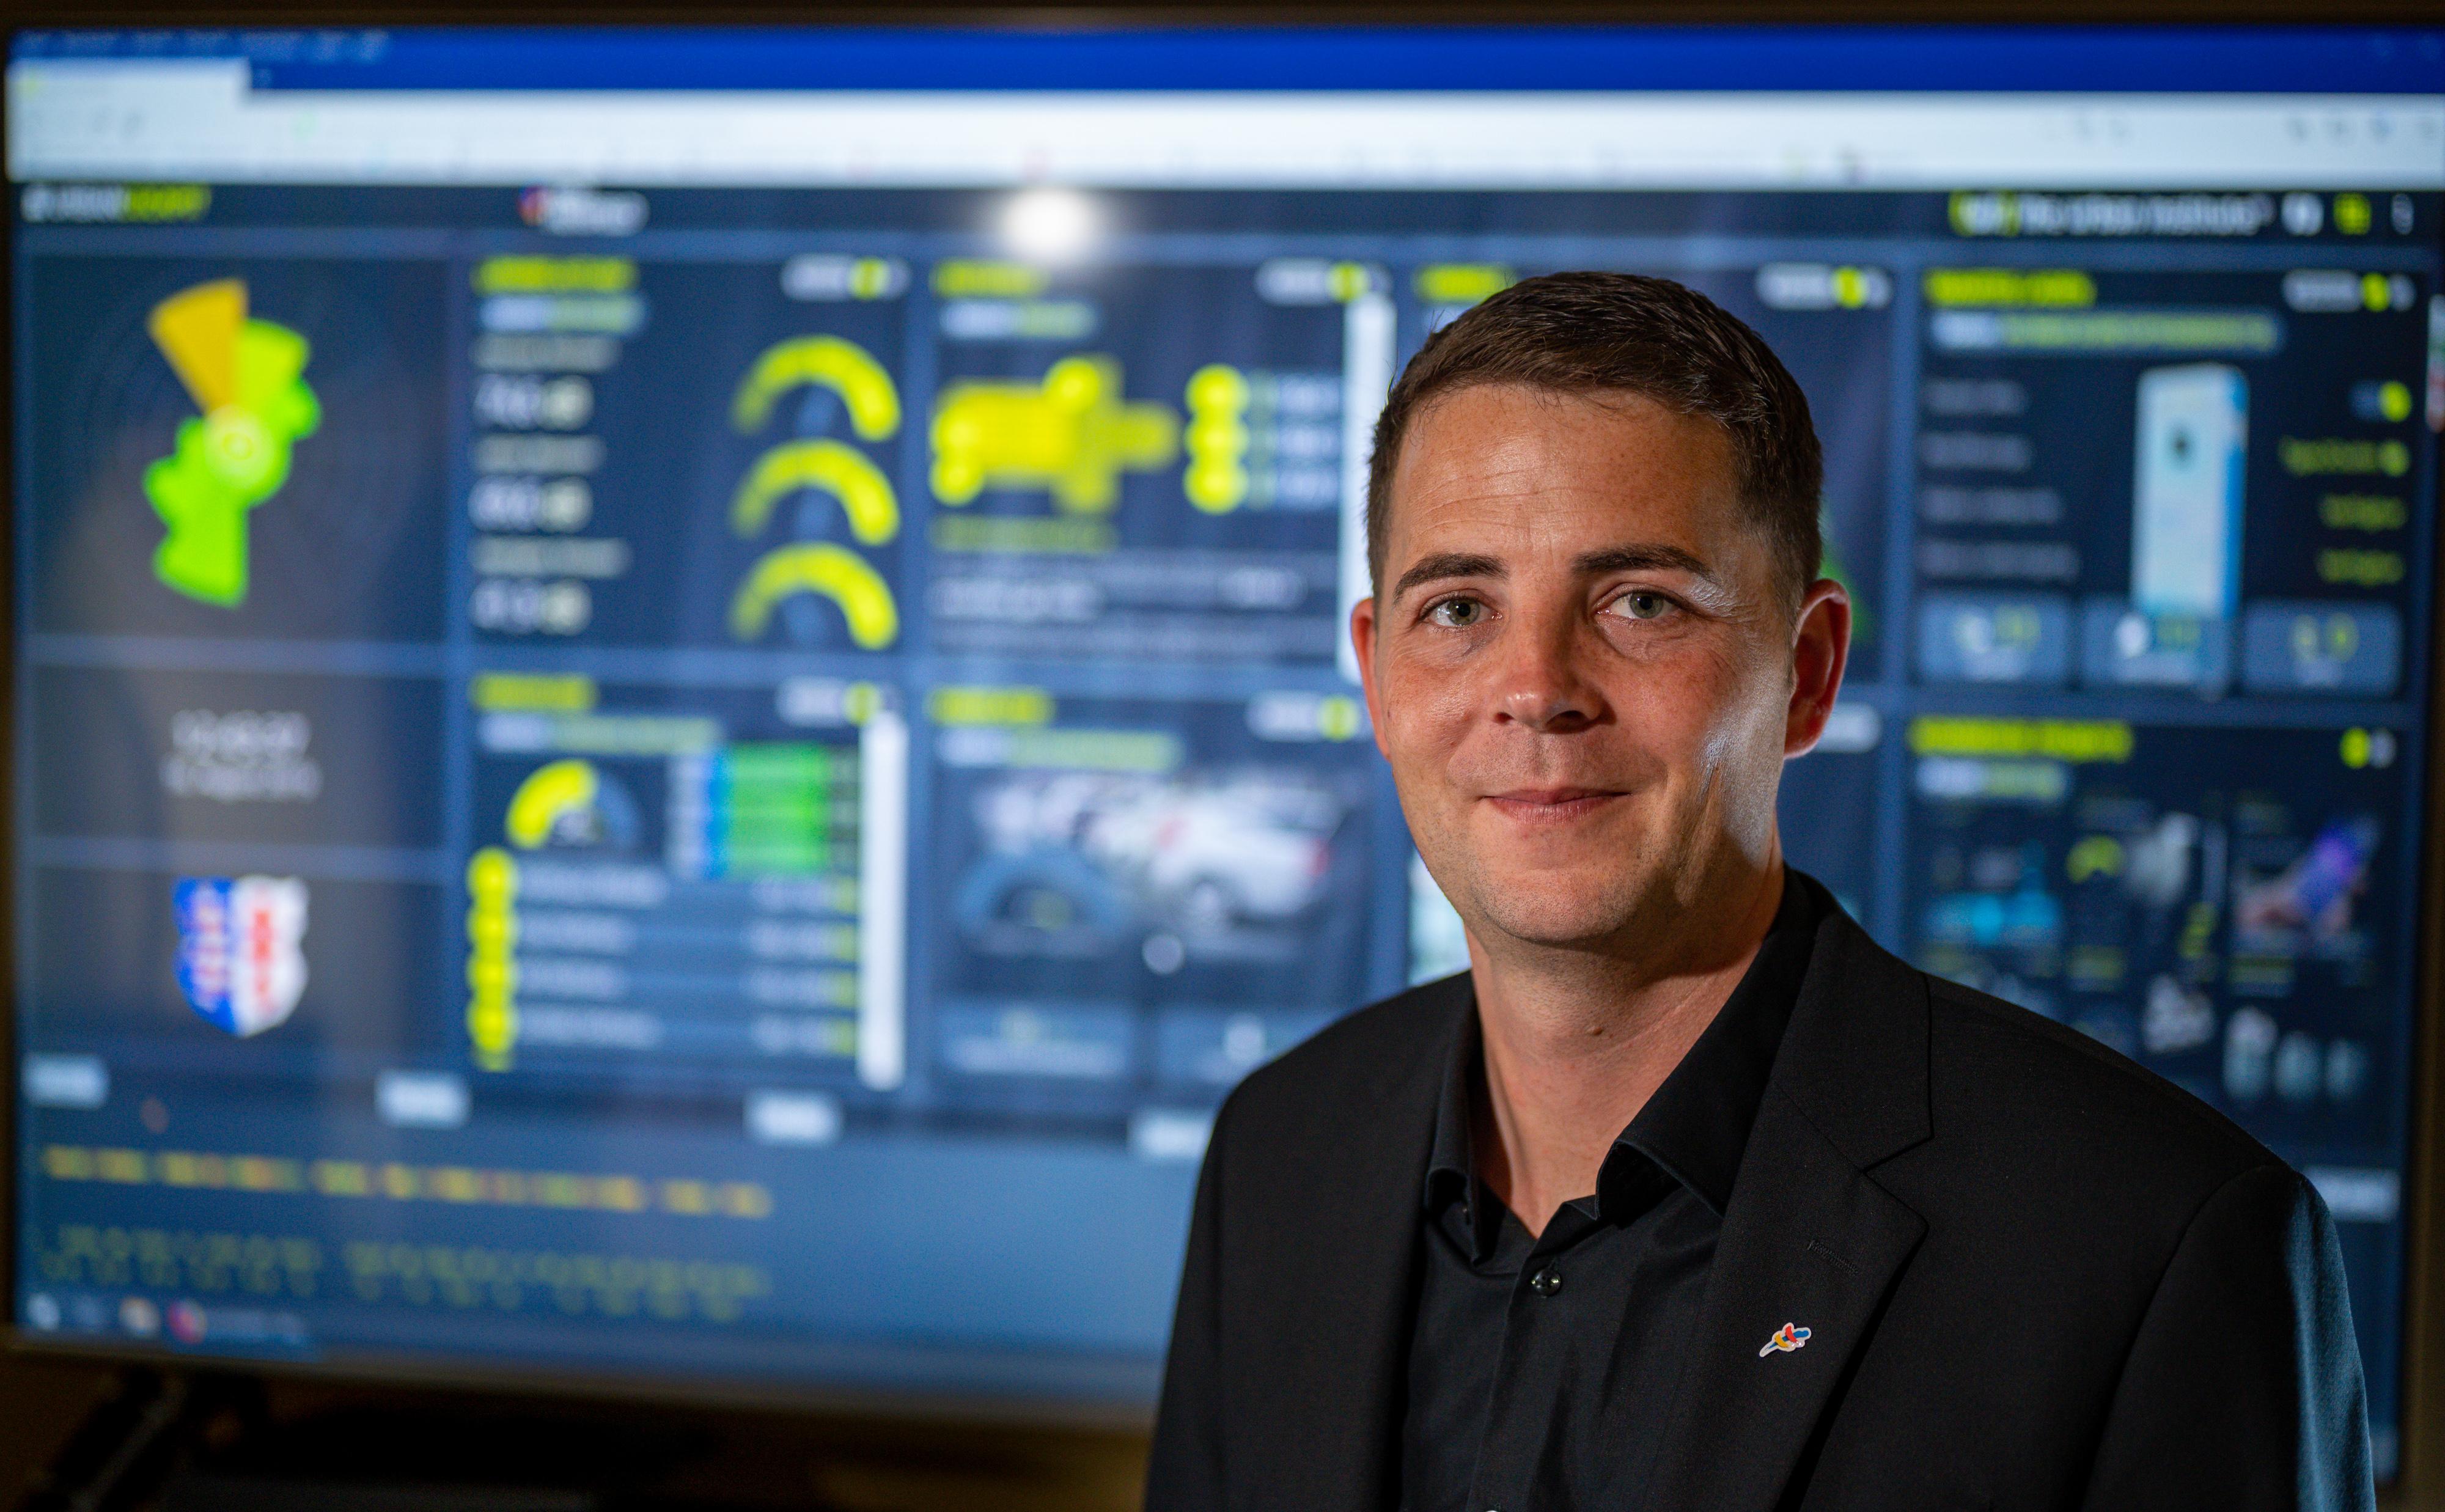 Martin Steimar steht vor einem großen Monitor, auf dem zahlreiche Daten im Urban Cockpit zusammenlaufen und visualisiert werden.